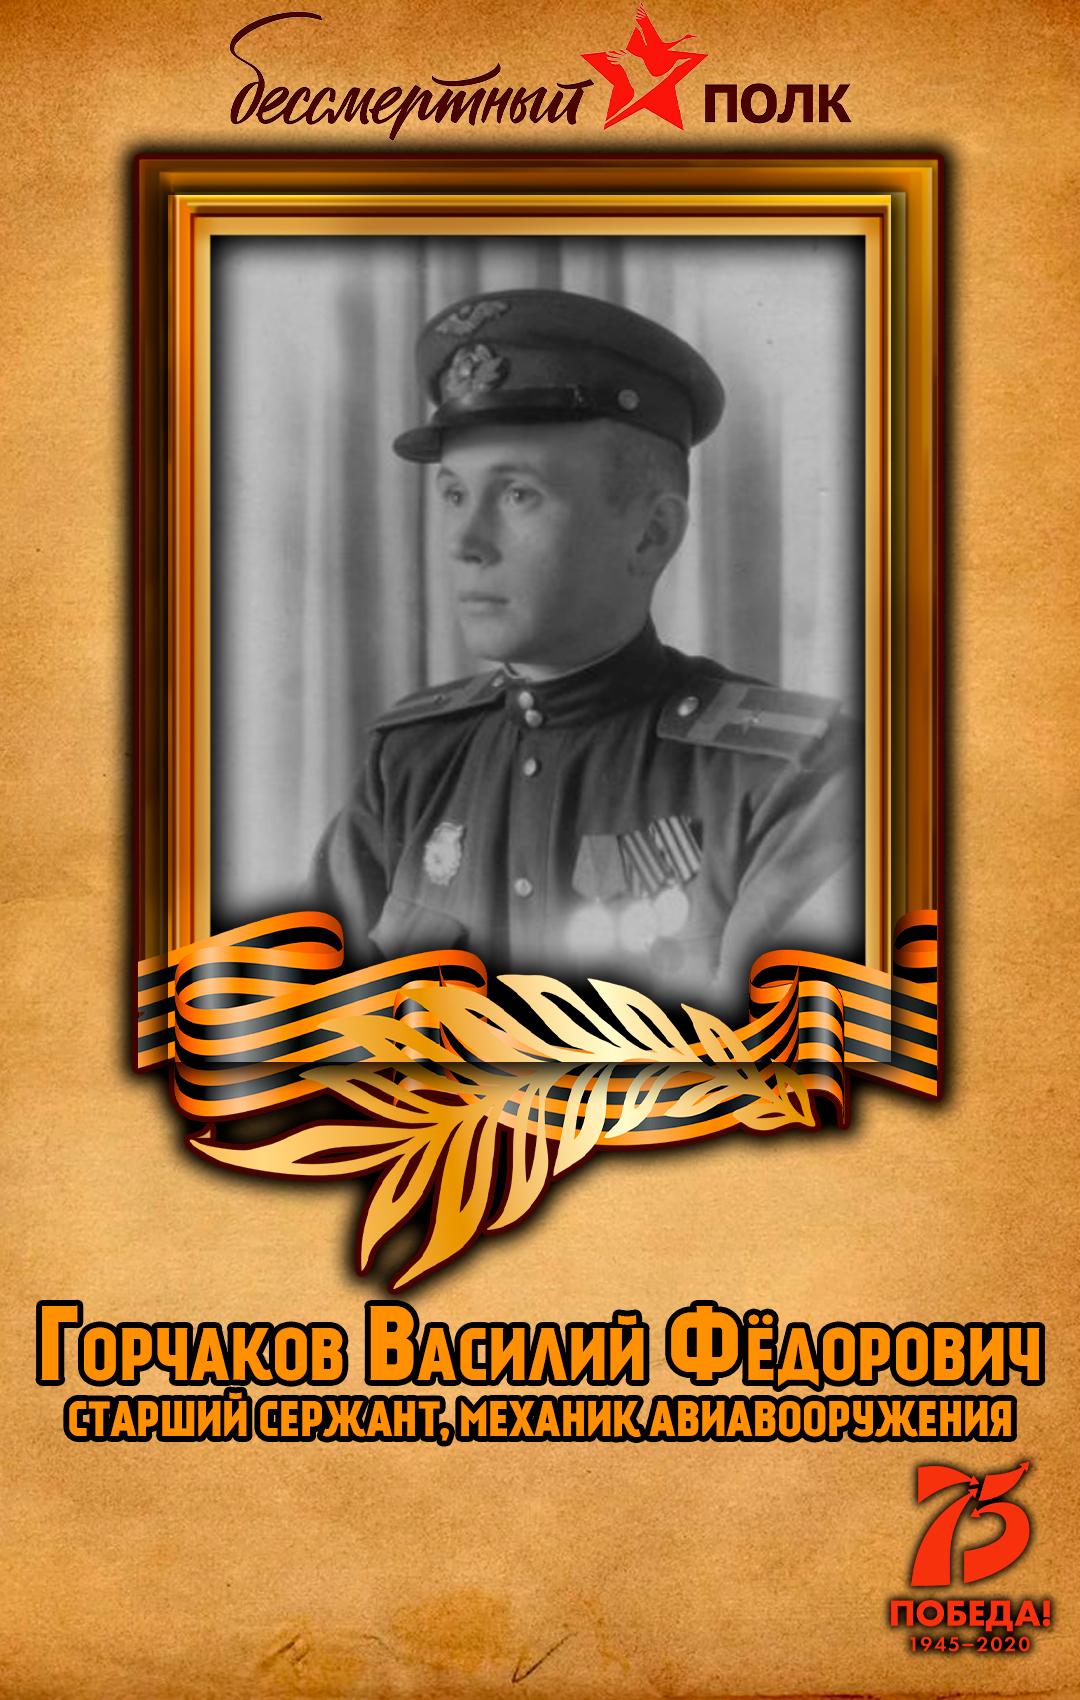 Горчаков-Василий-Фёдорович